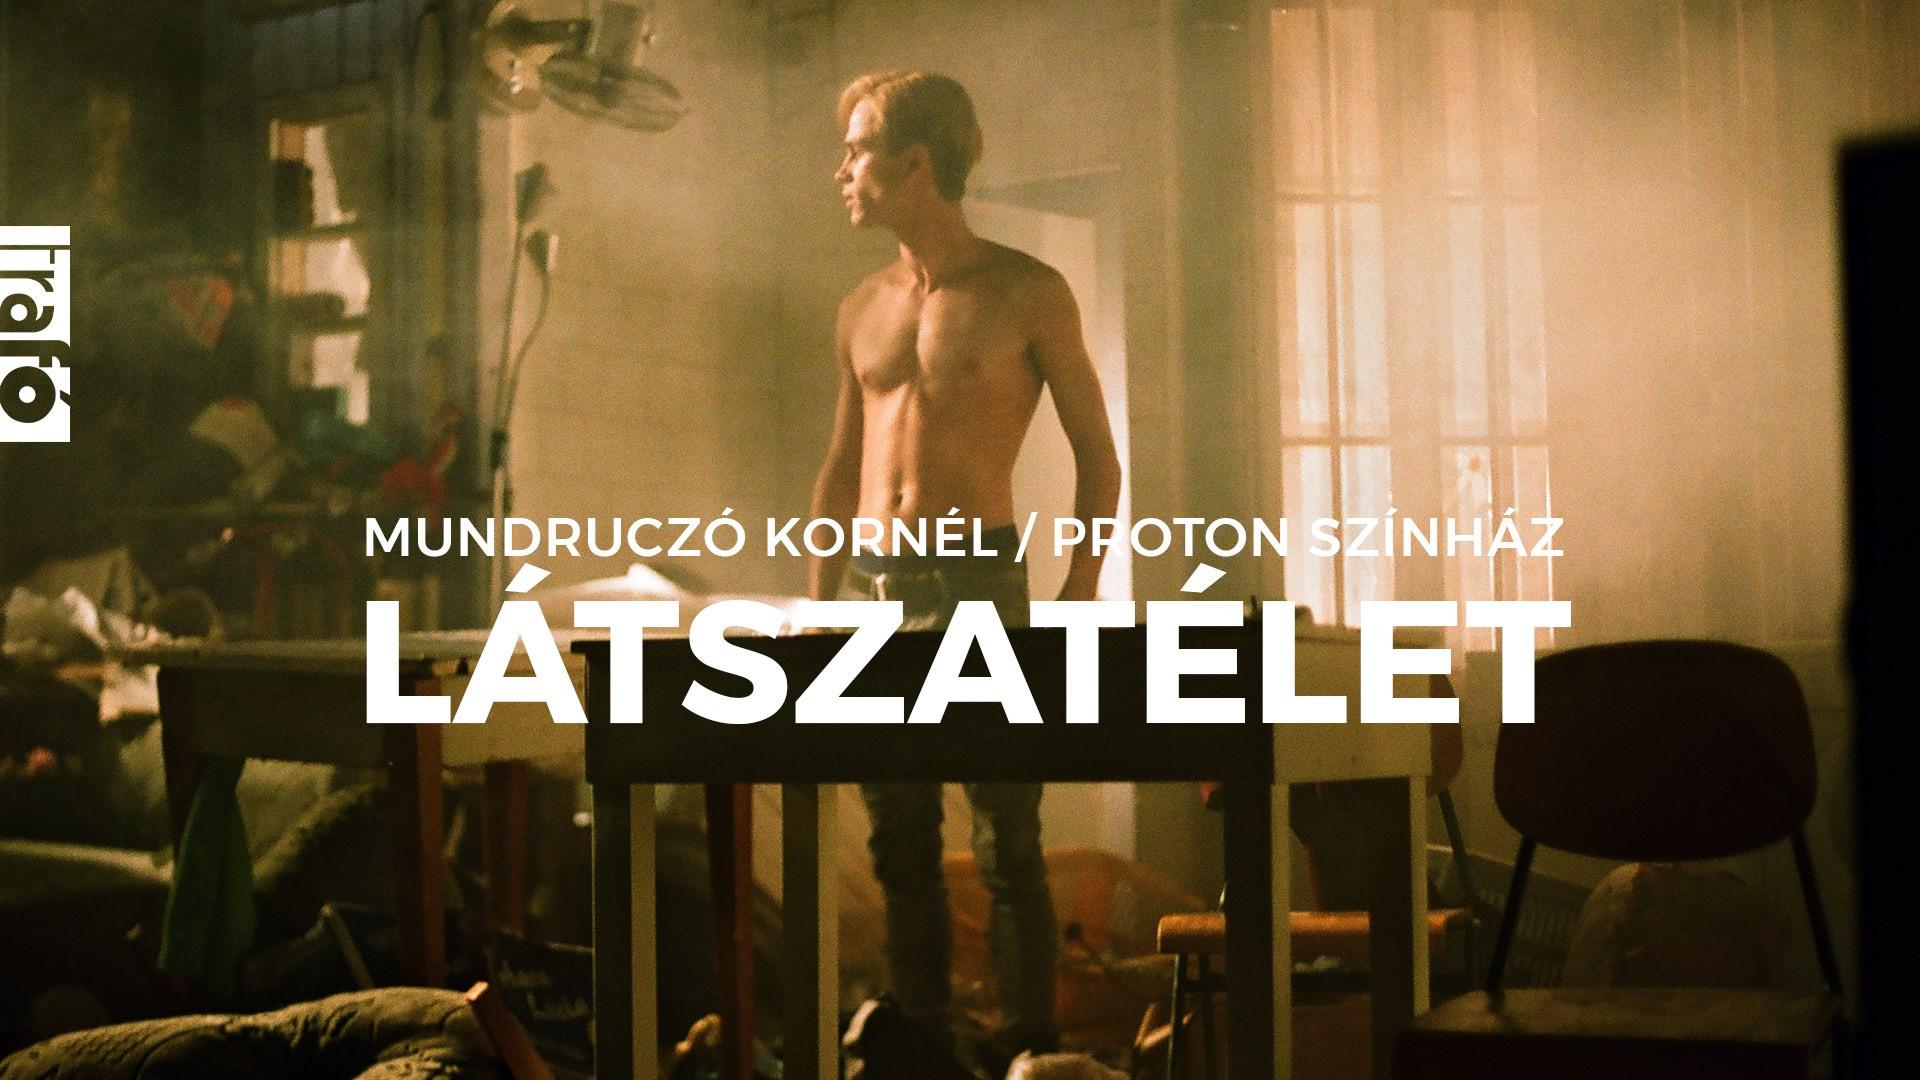 Mundruczó Kornél/Proton Színház: Látszatélet